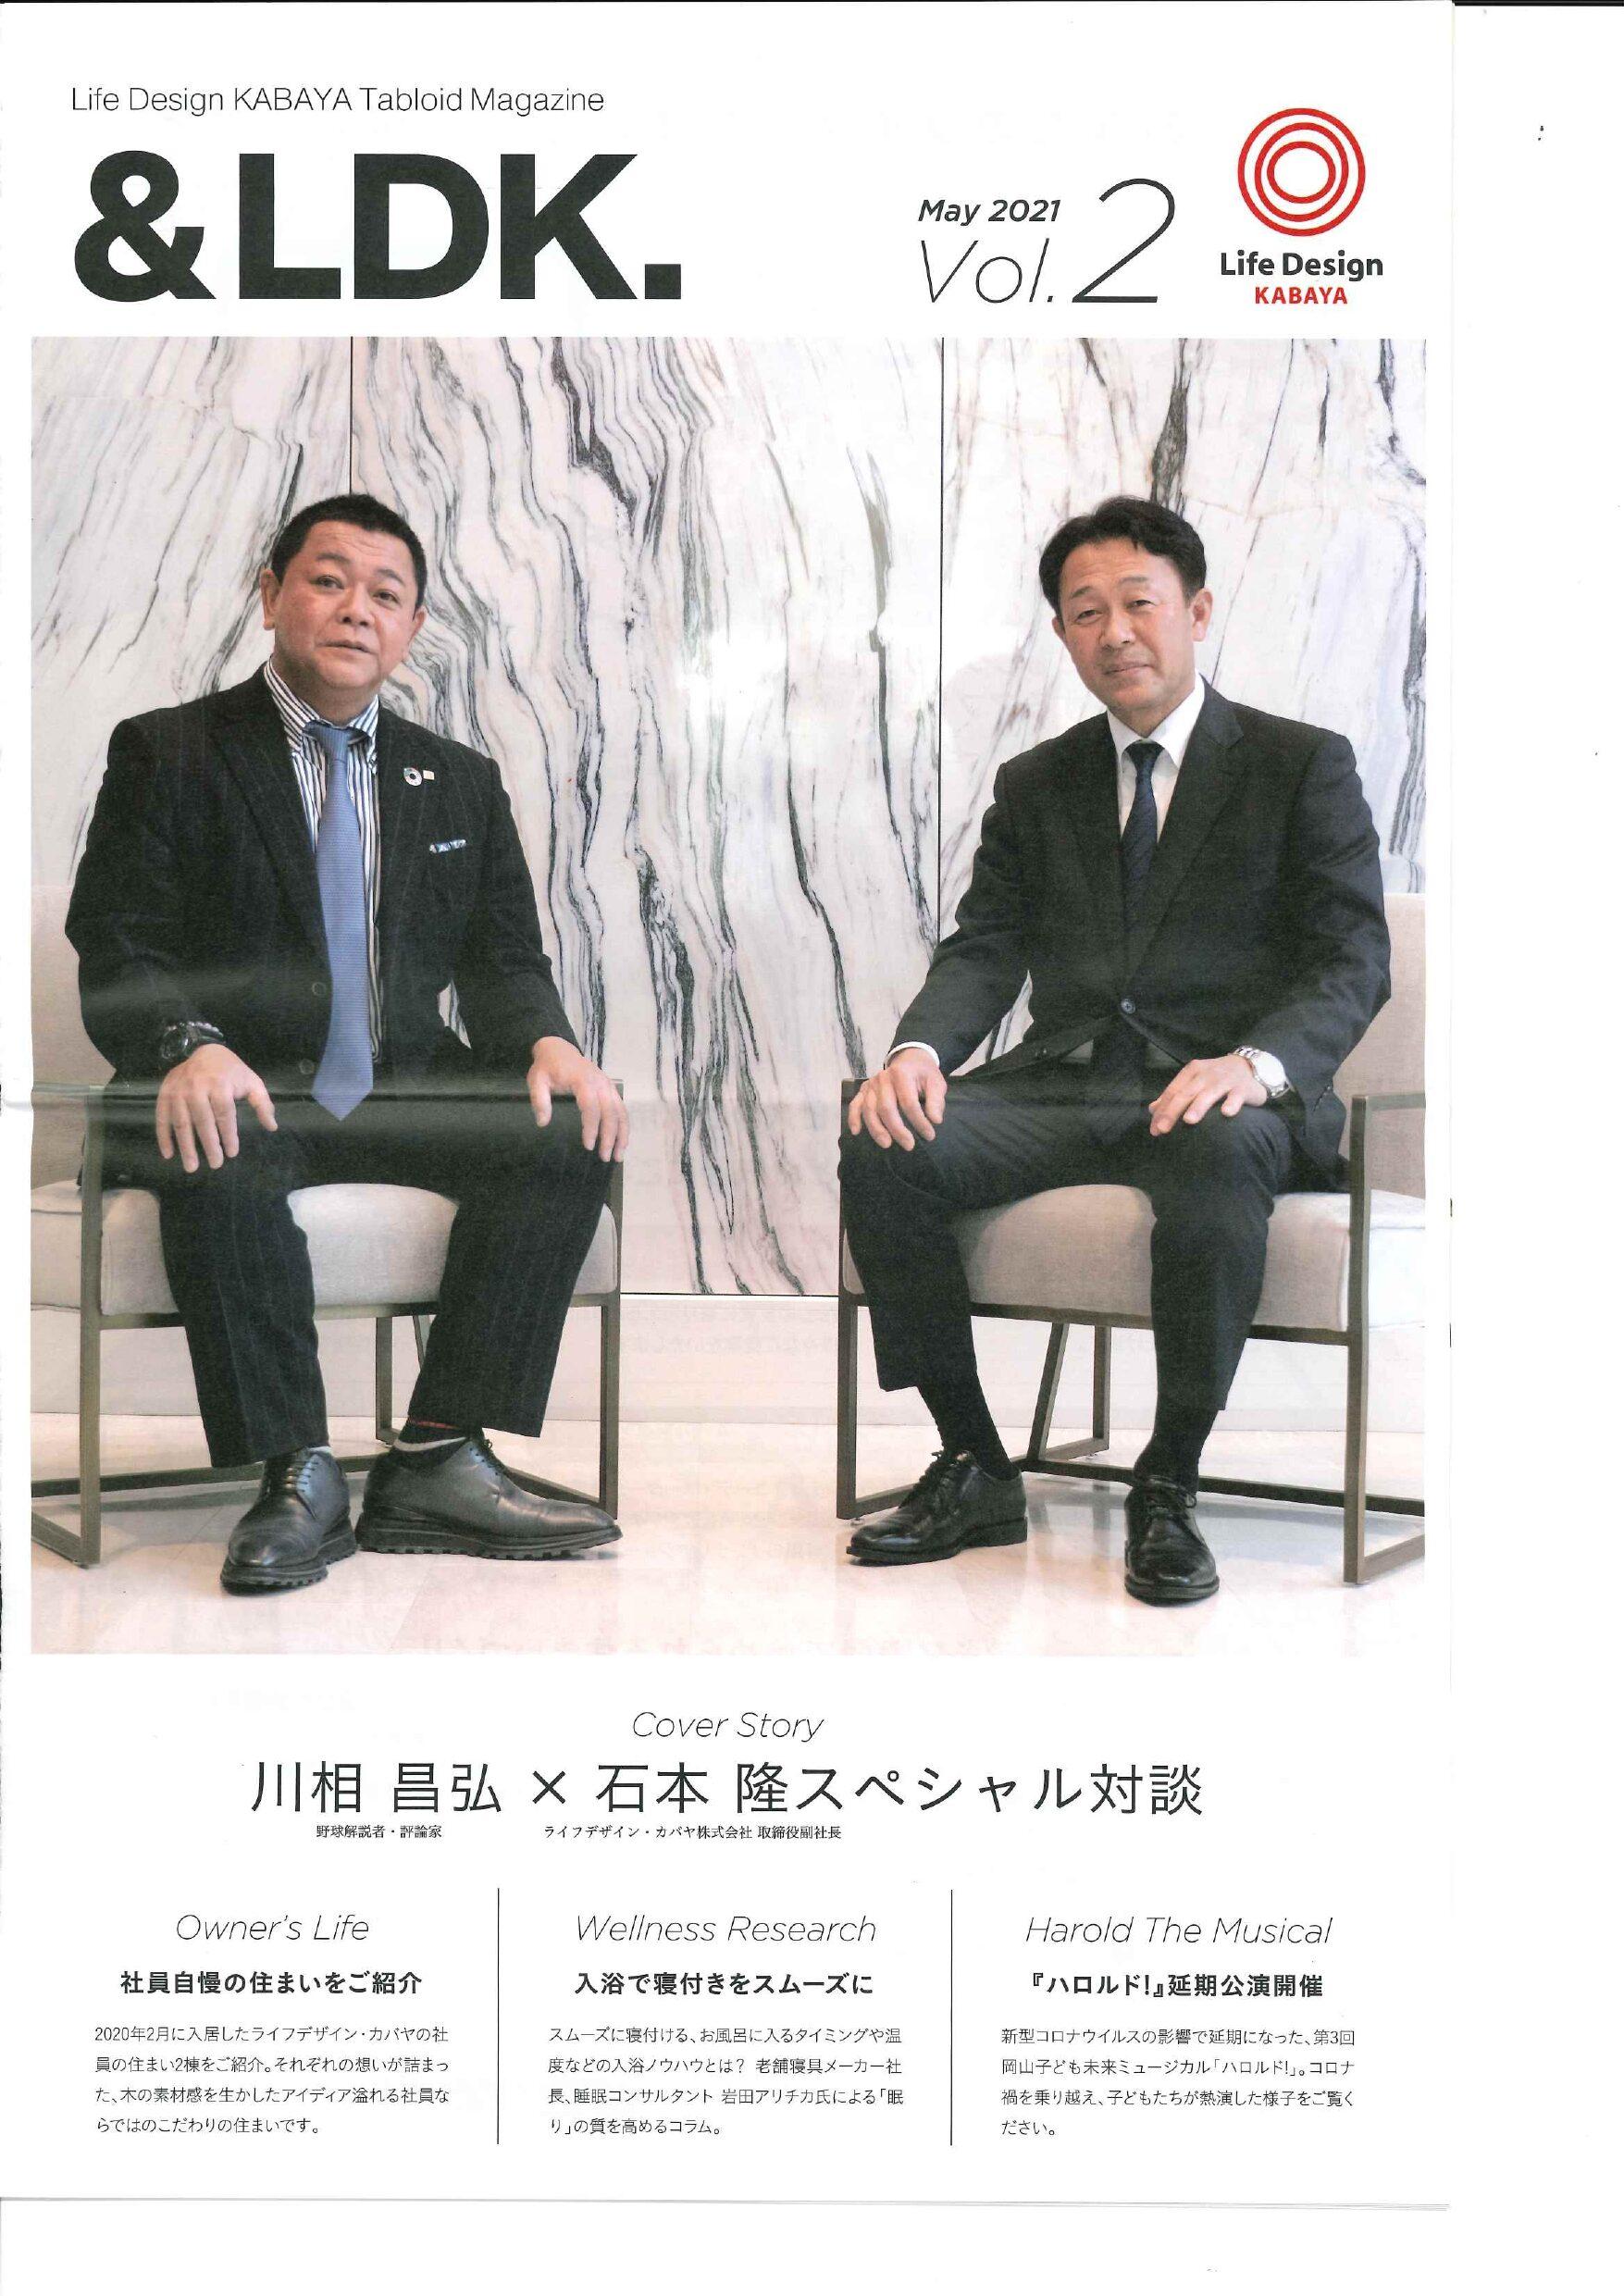 【掲載情報】&LDK. Vol.2 代表取締役社長 岩田アリチカのコラムが掲載